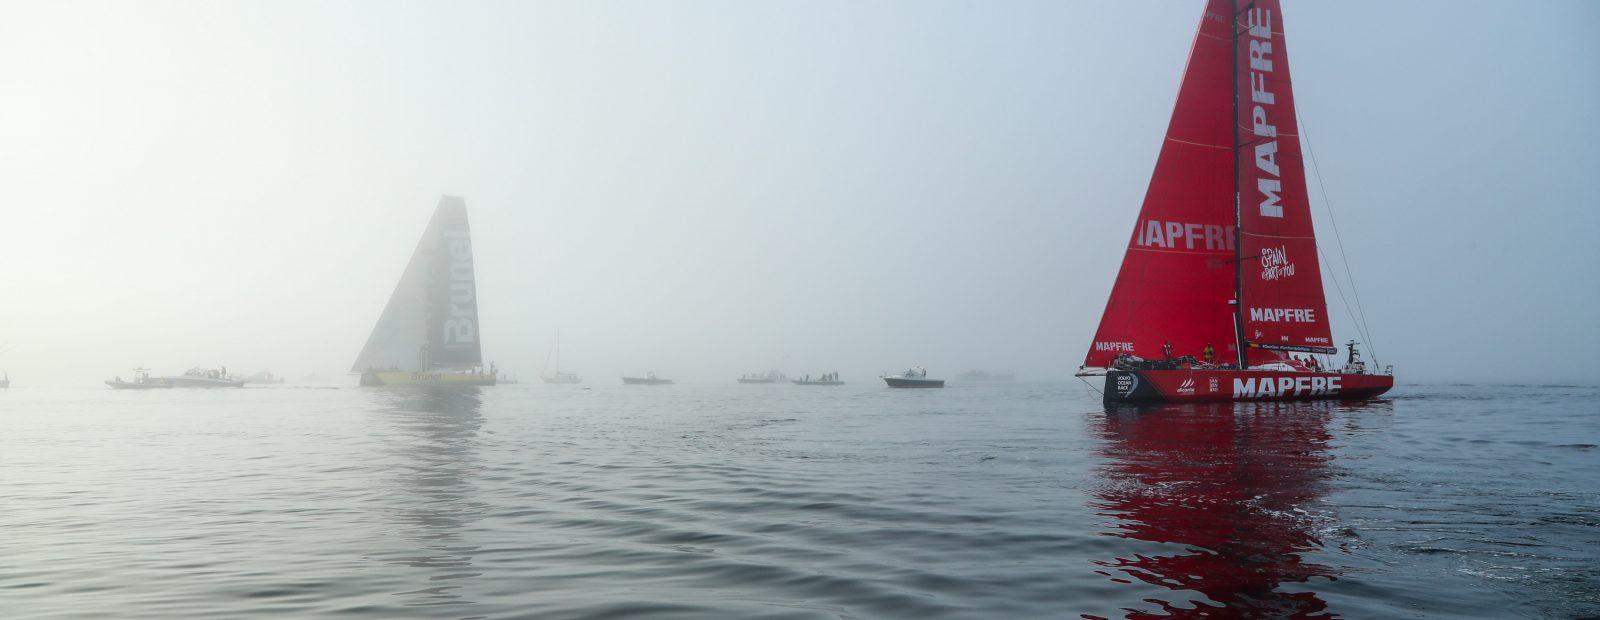 Em um último vitorioso fôlego, equipe MAPFRE ultrapassa e alcança a vitória | Foto: Jesus Renedo/Volvo Ocean Race